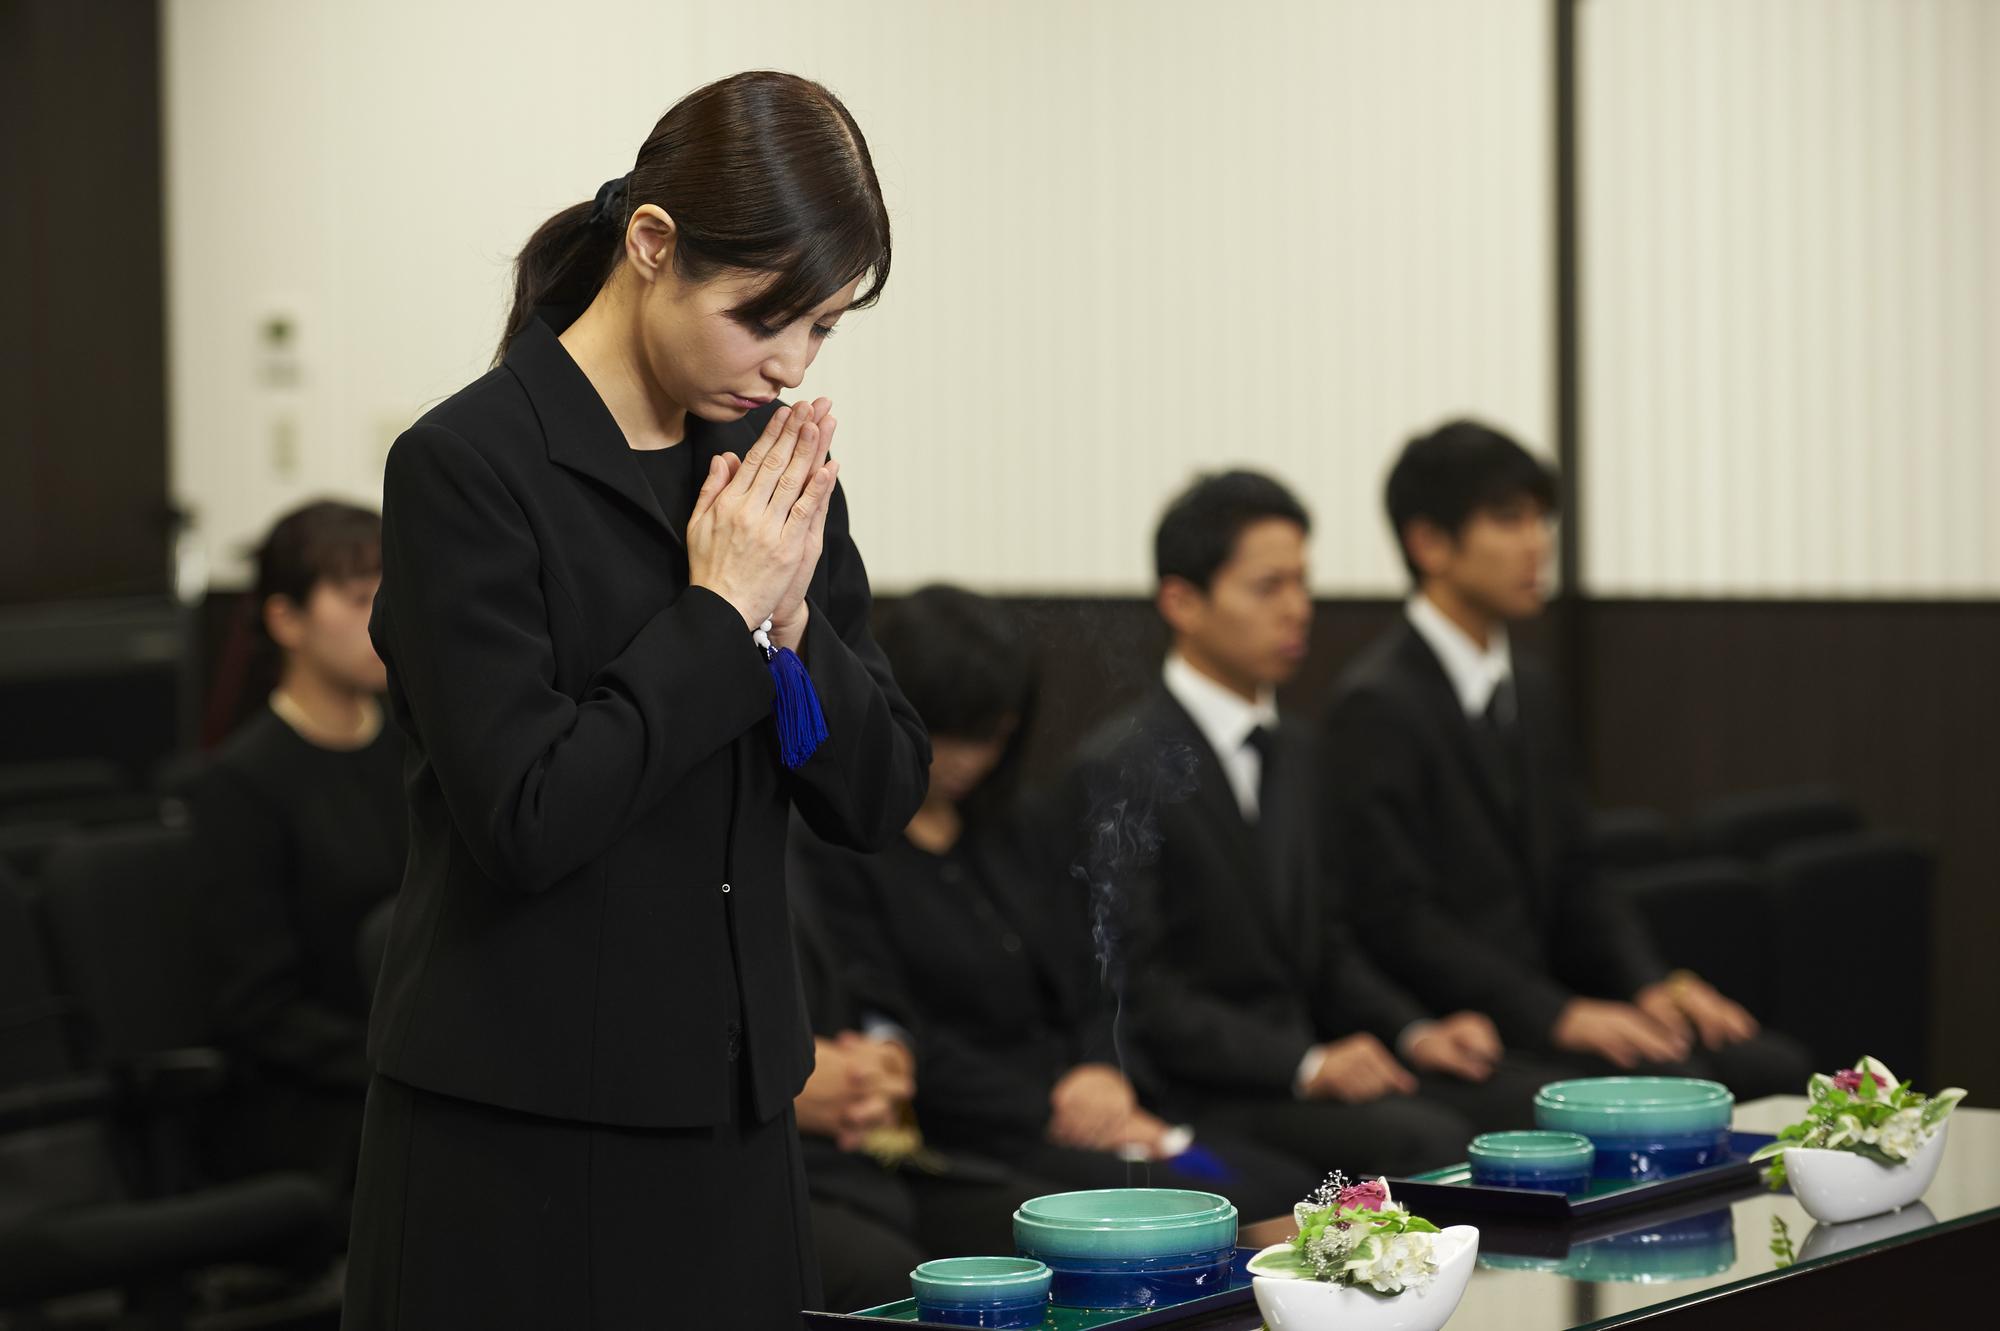 小平サポートセンターでの葬儀のイメージ